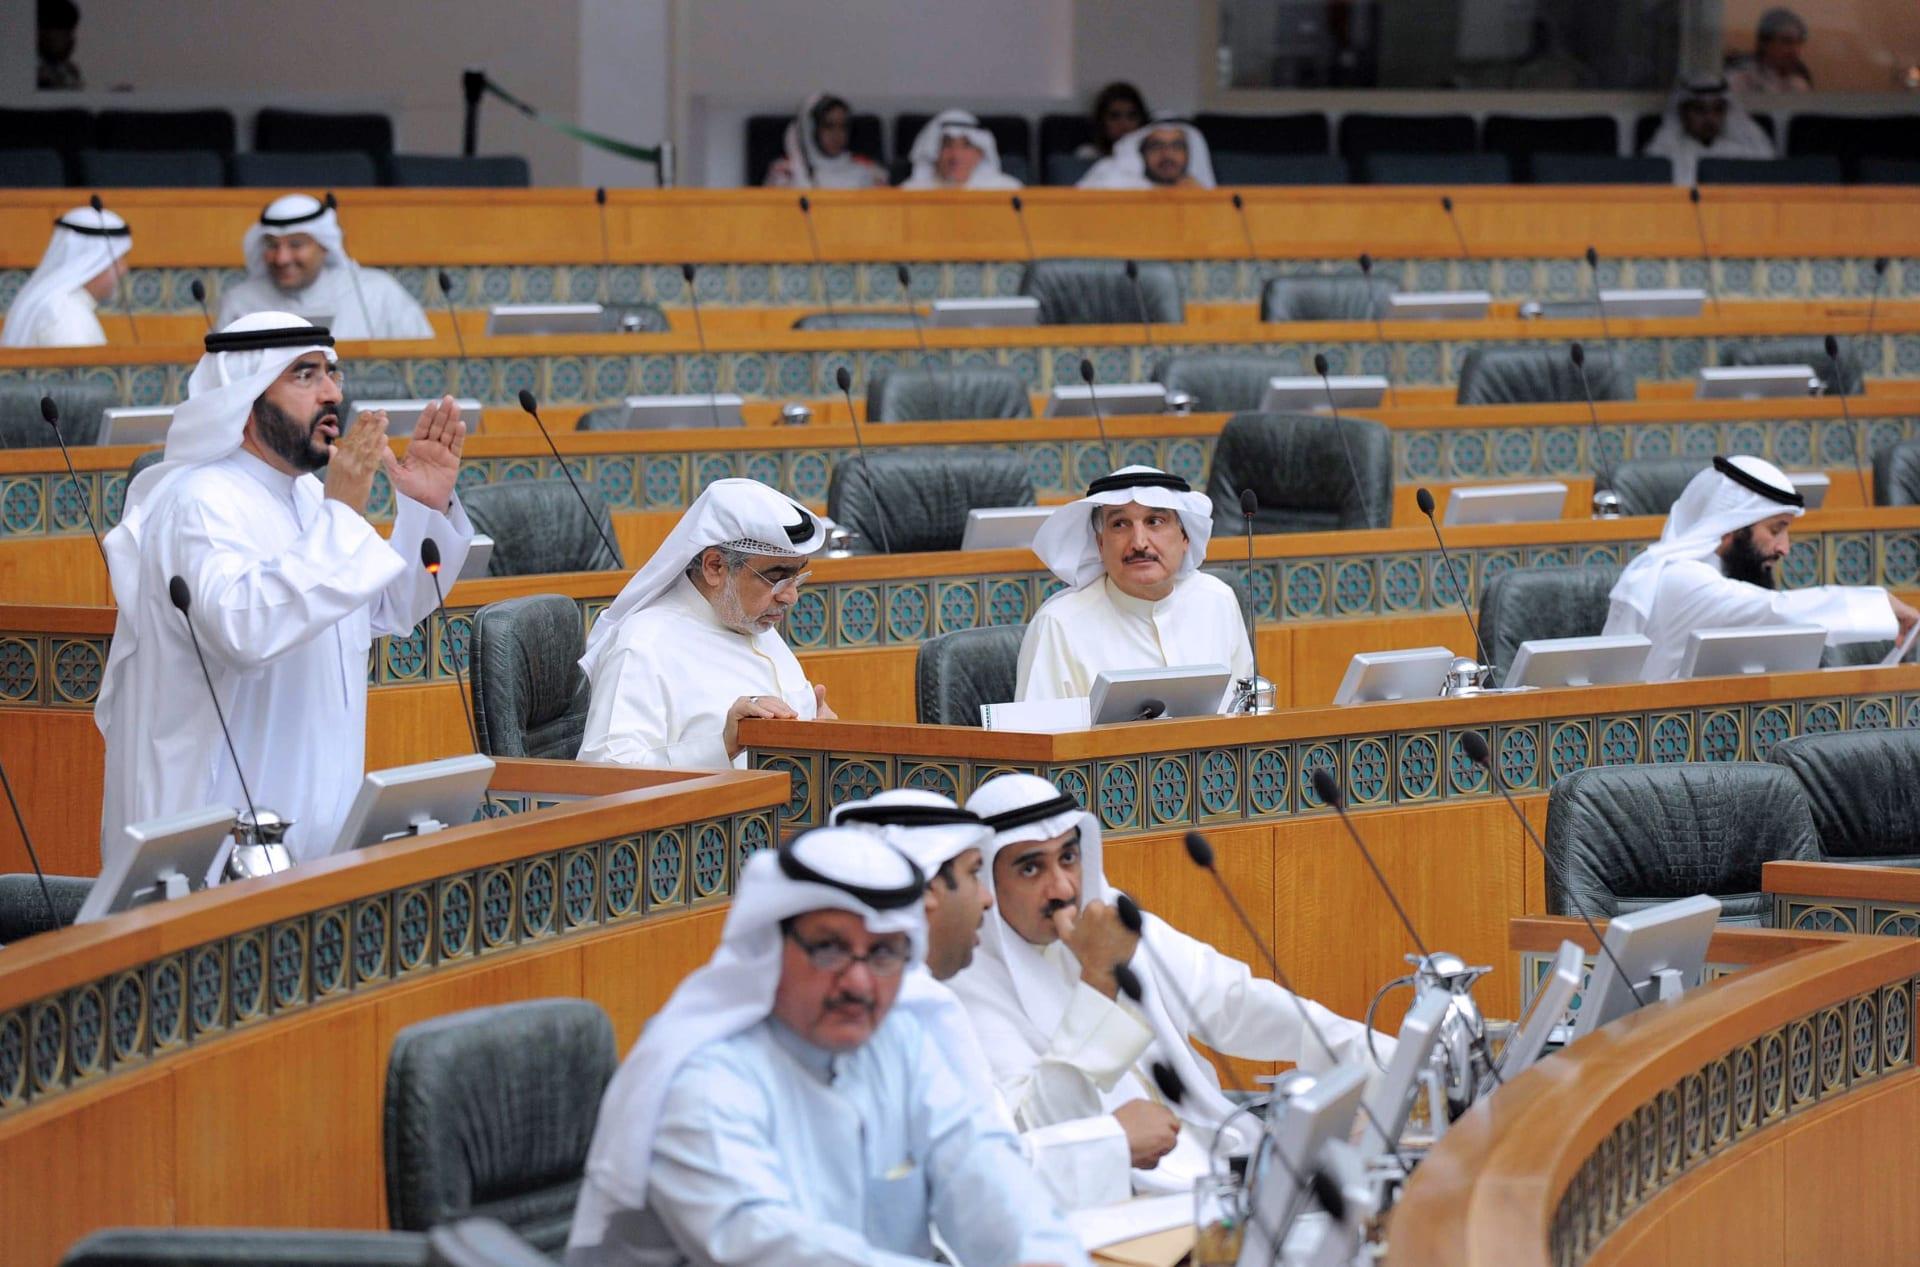 البرلمان الكویتي يرفض إقالة وزير التجارة.. ويكلف لجنة بالتحقيق